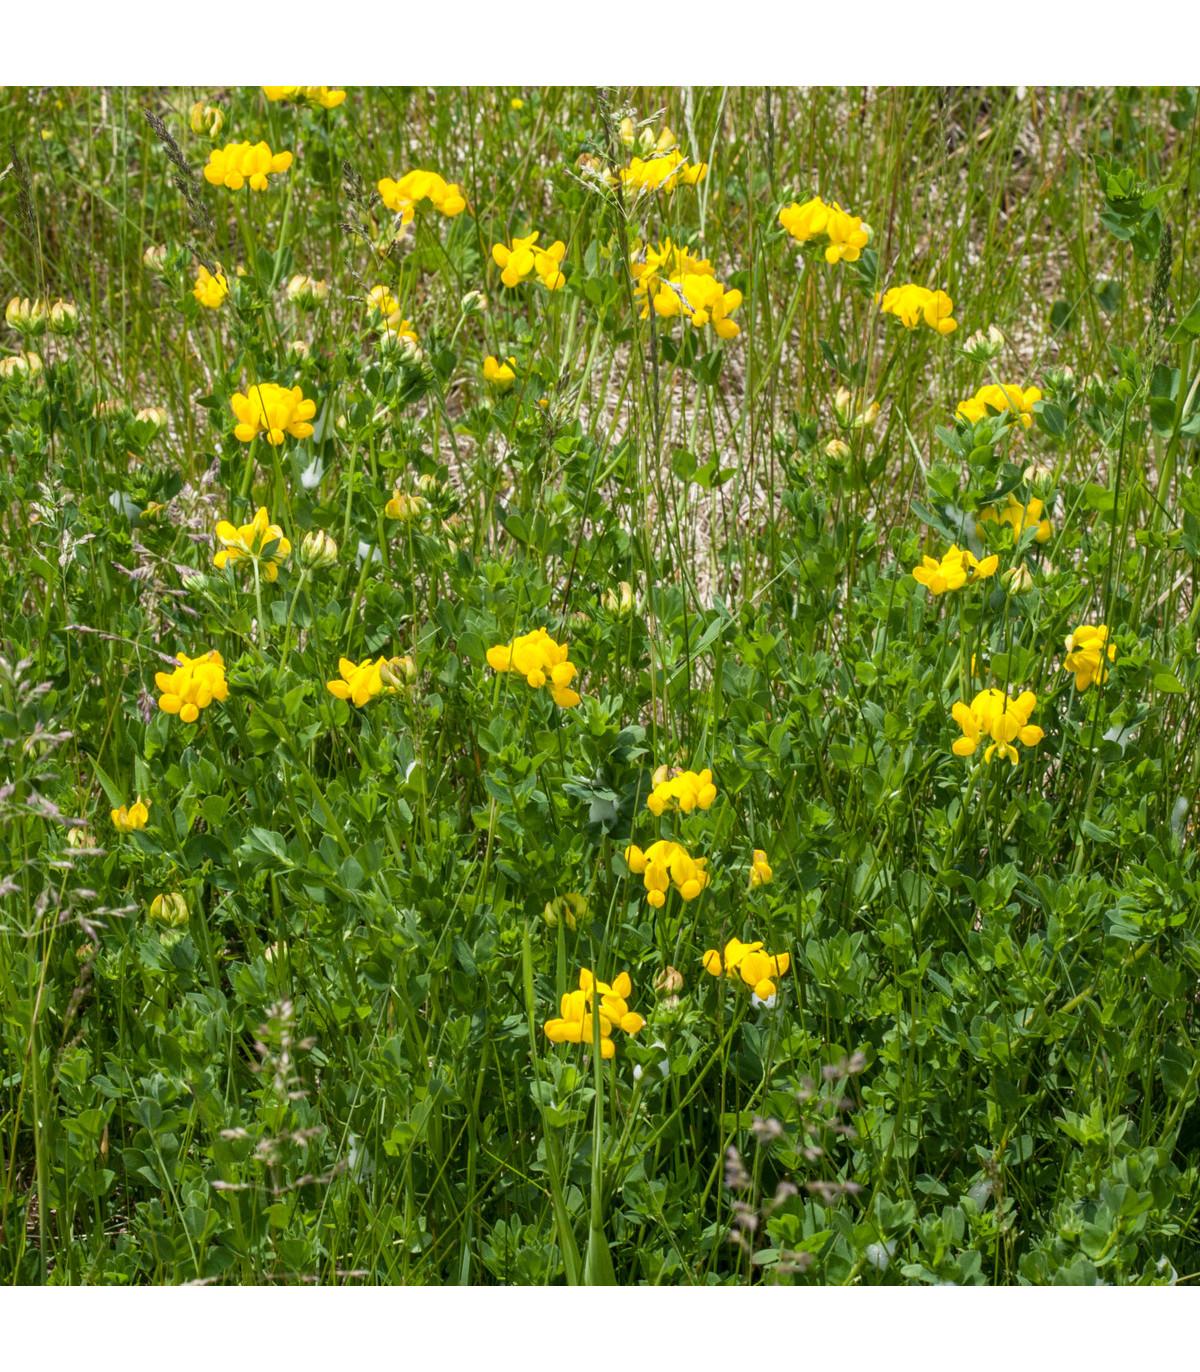 Štírovník růžkatý - semena Štírovníku - Lotus corniculatus - 2 gr